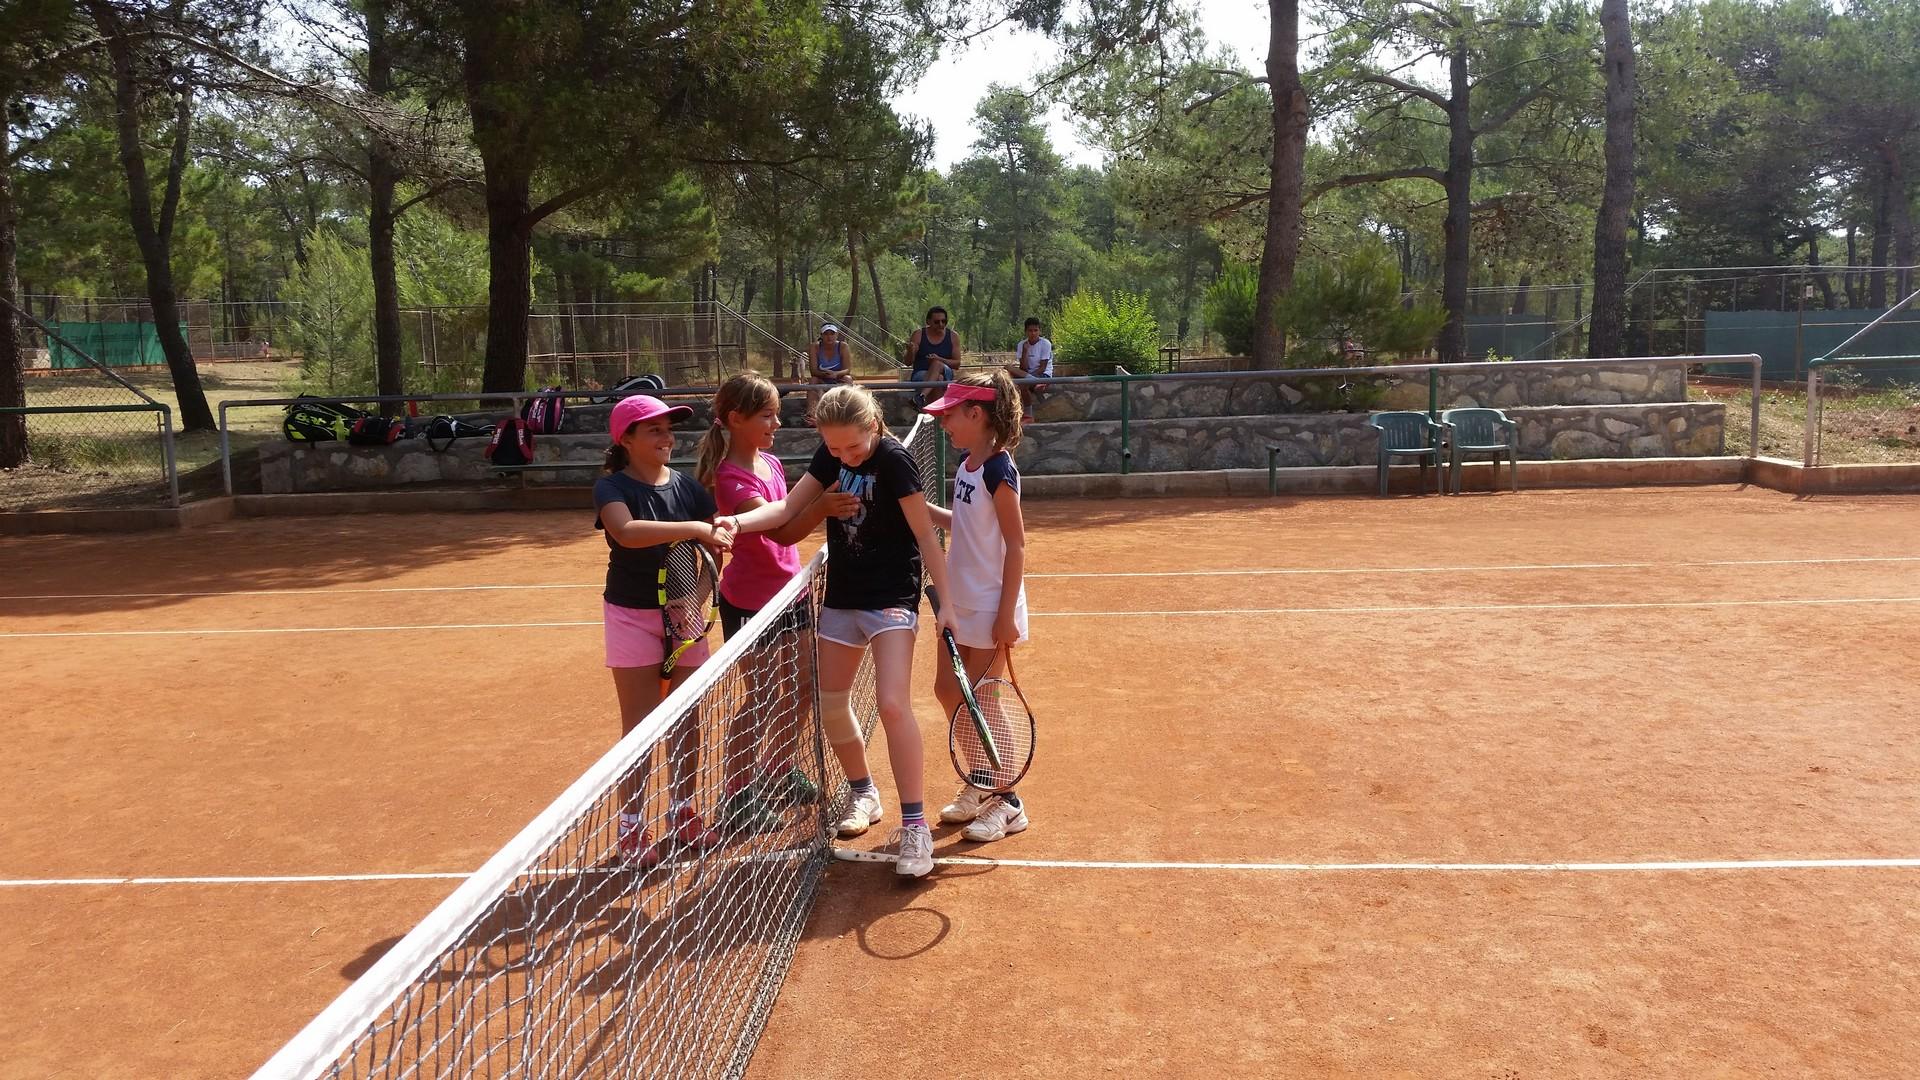 Tenis kamp Zaton 2017 (99)